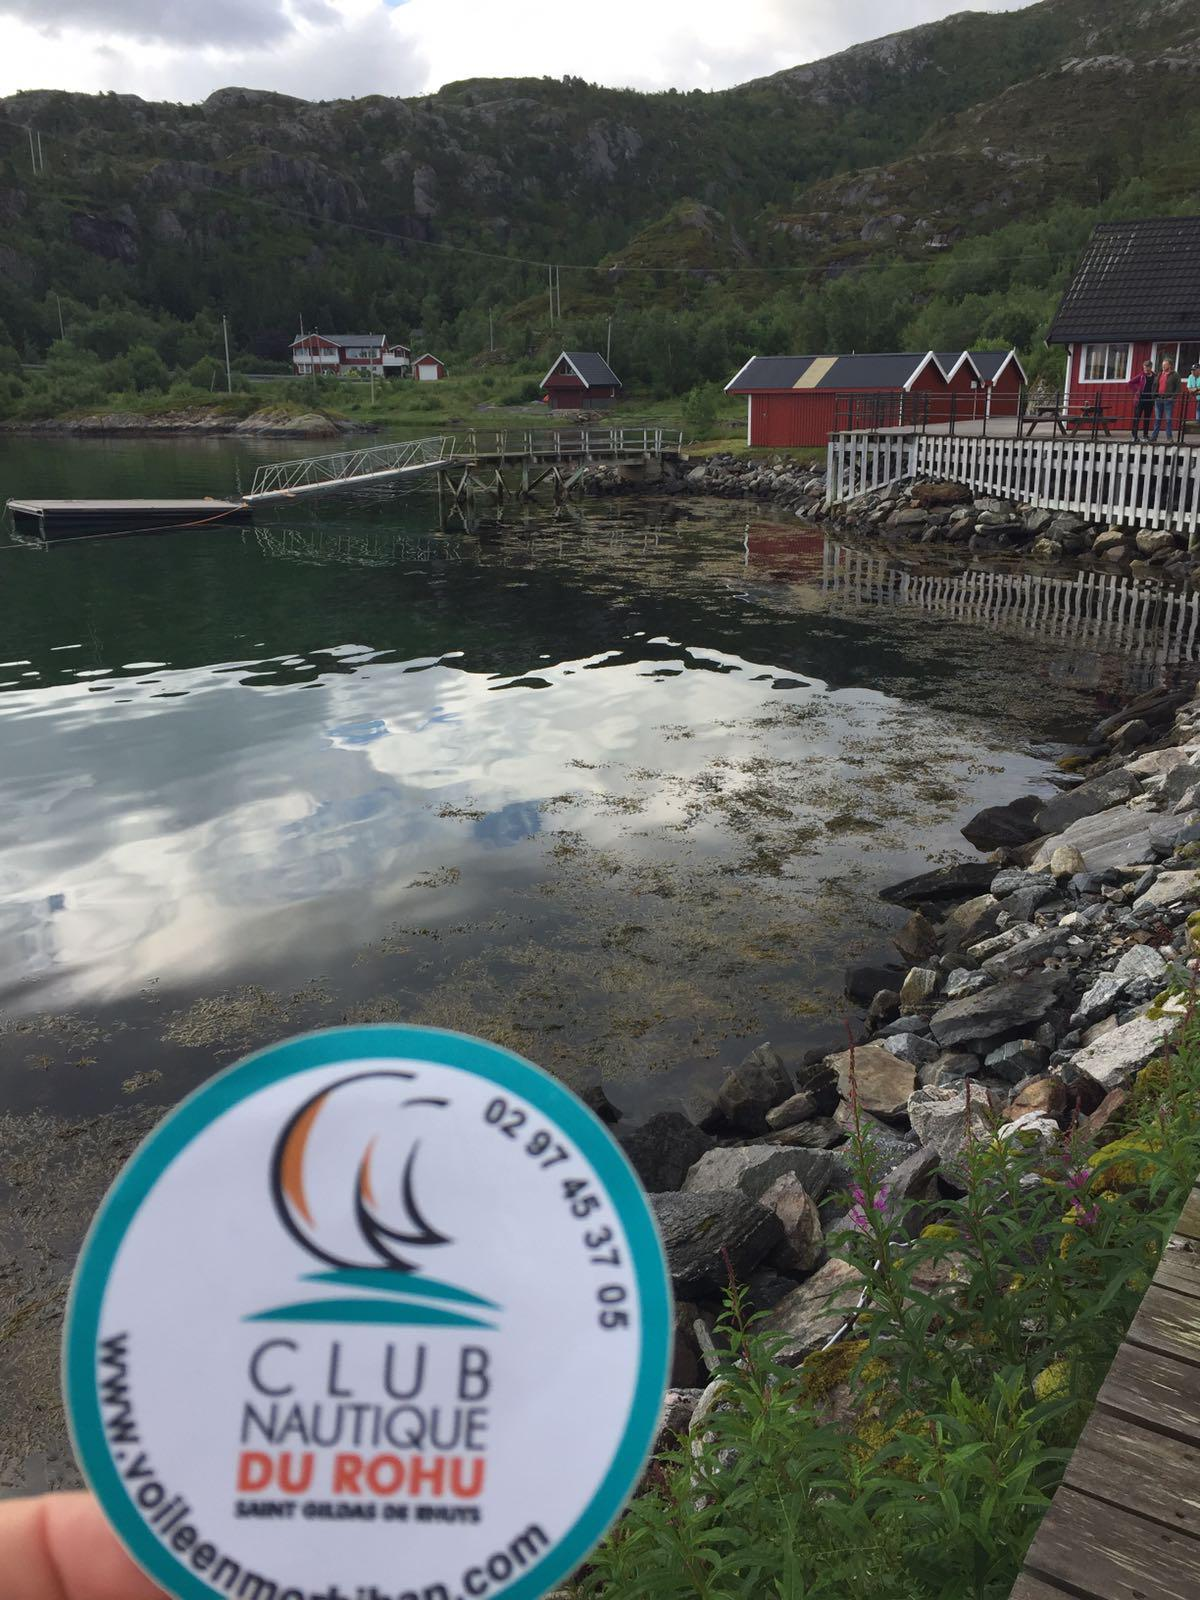 Le Club Nautique du Rohu en Norvege - Port Kilbogham - juillet 2017